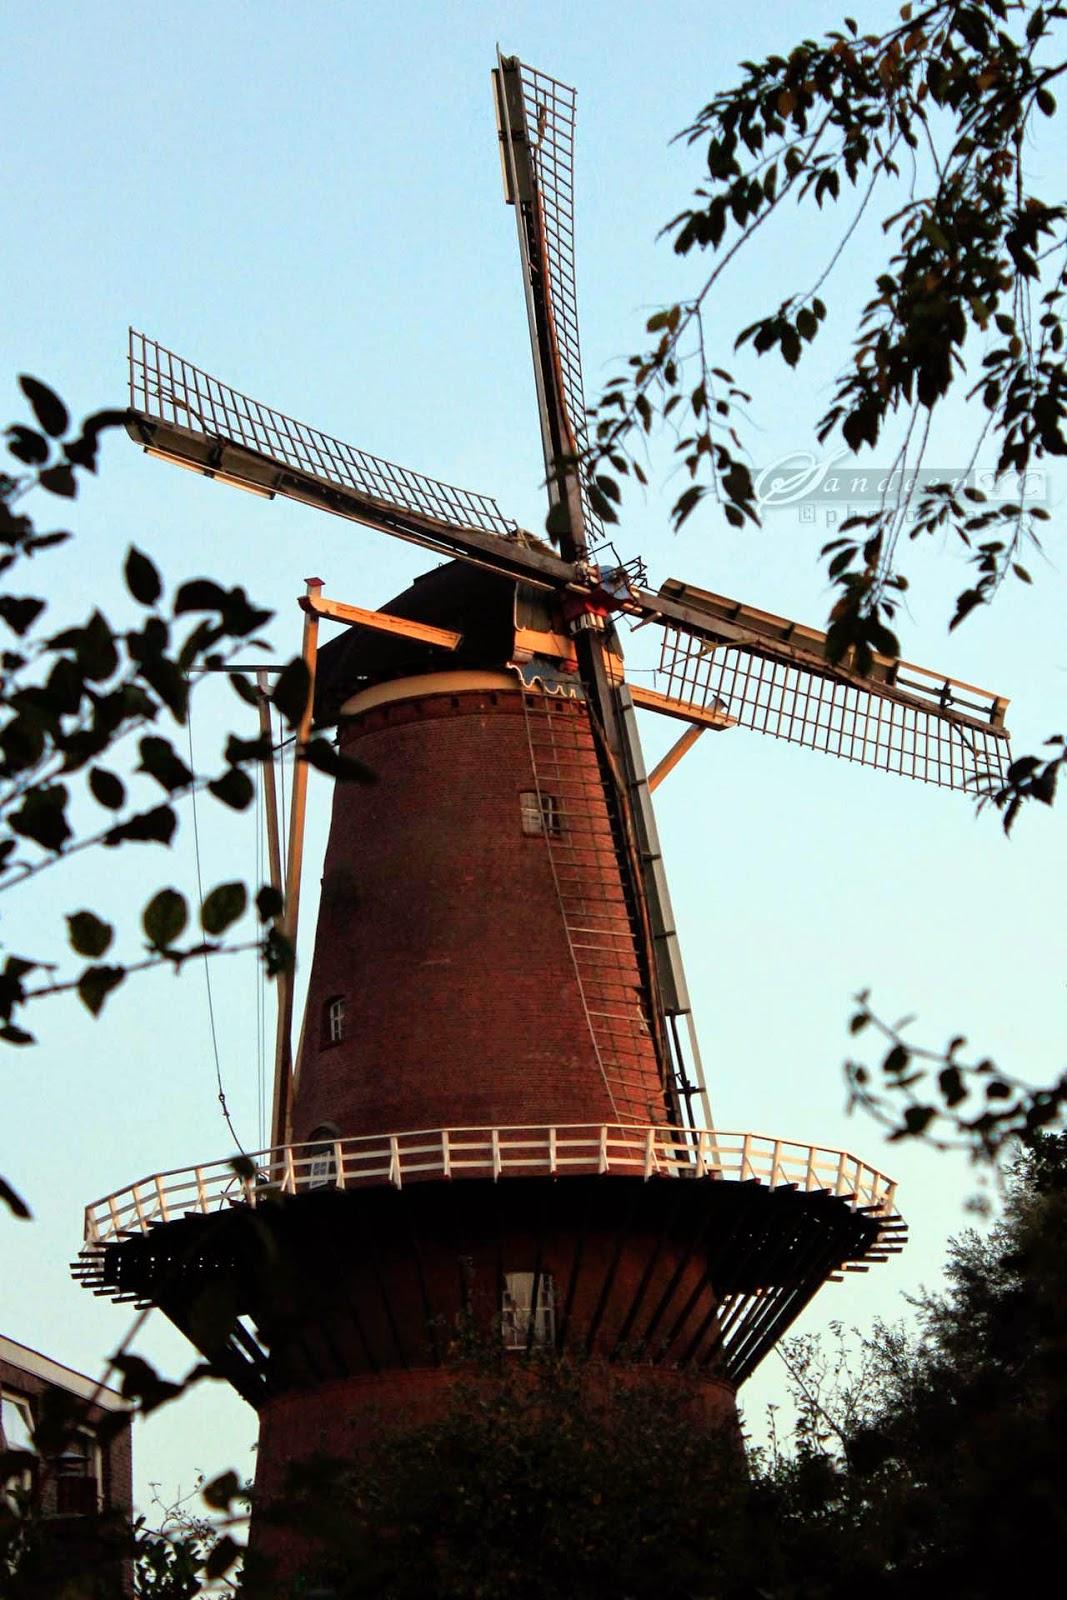 Molen Rijn en Zon wind mill